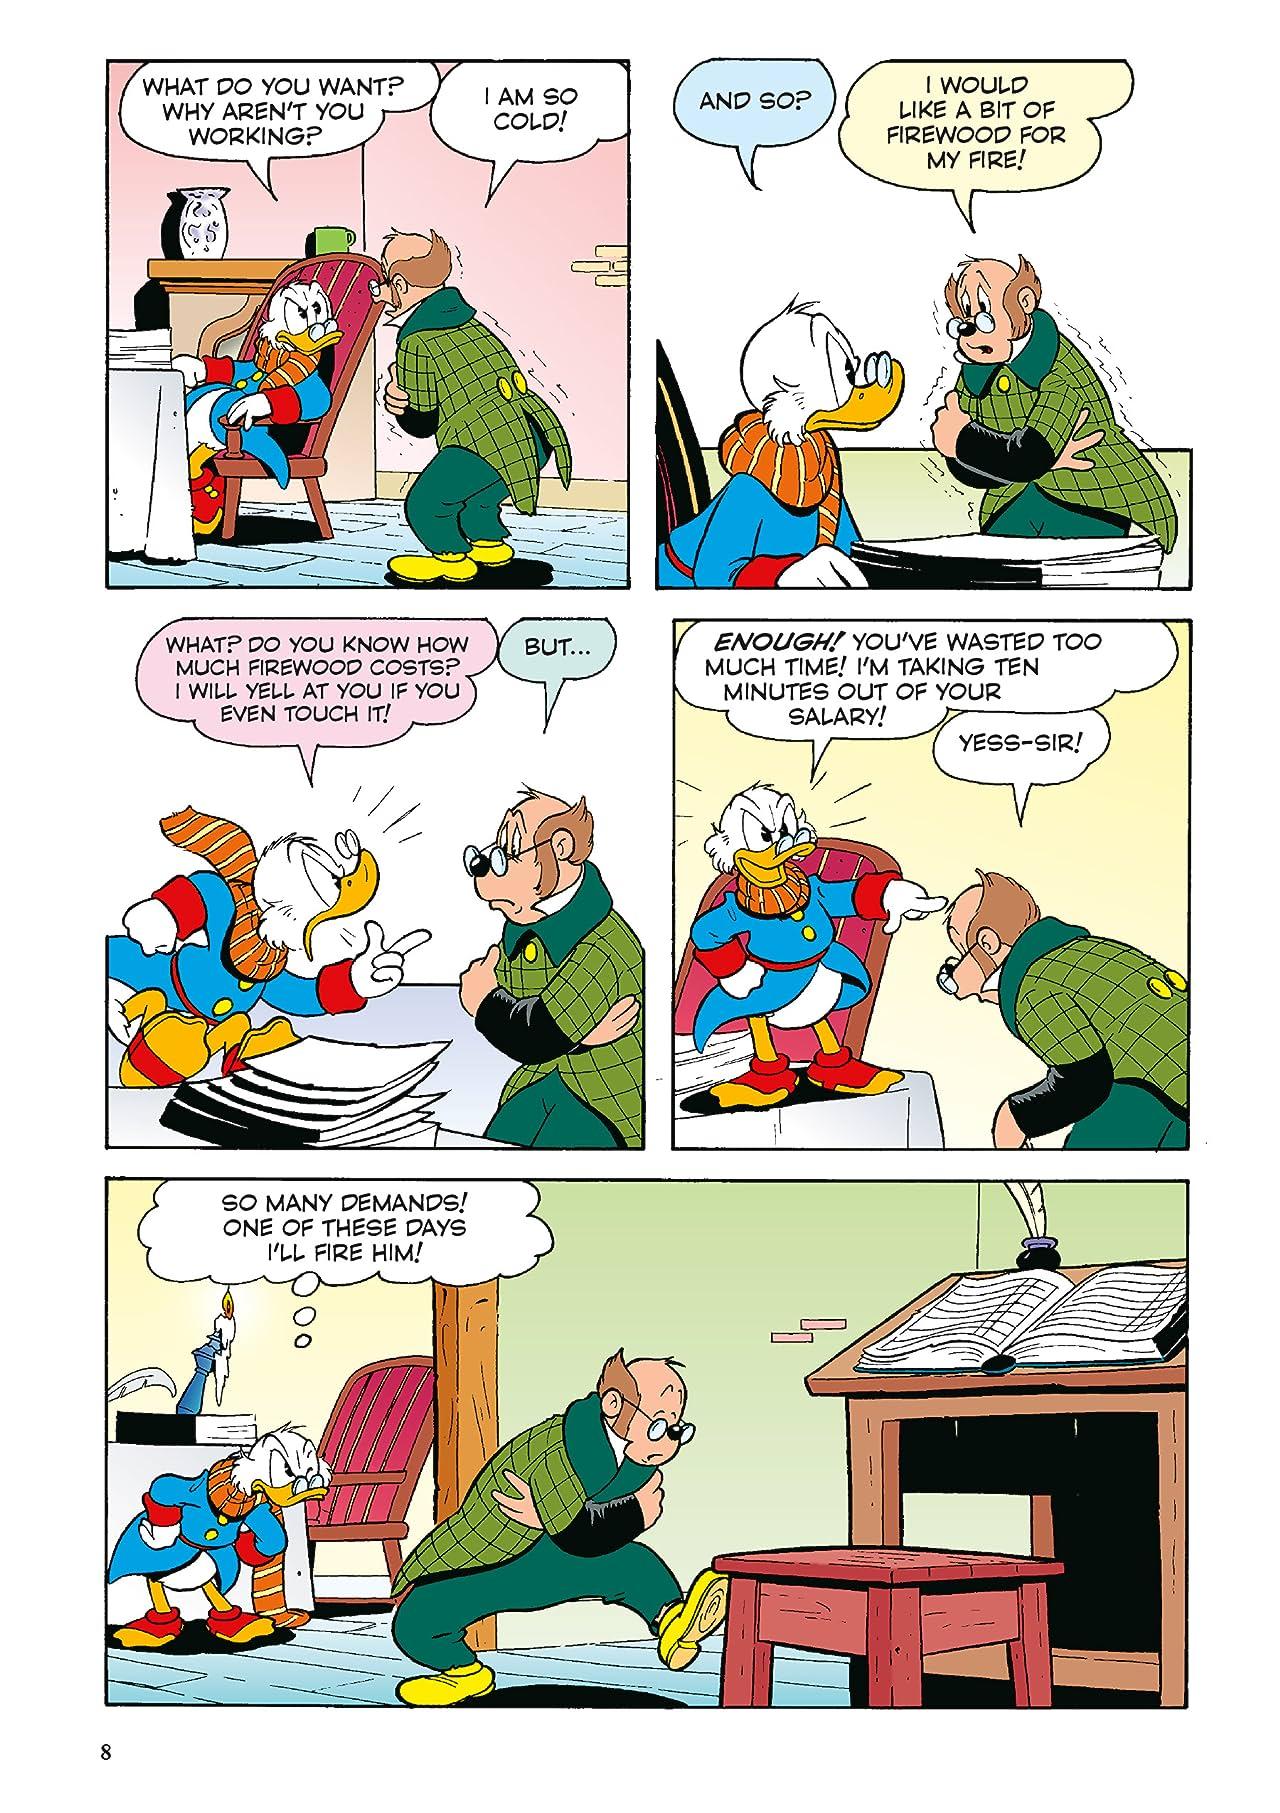 Disney A Christmas Carol, starring Scrooge McDuck